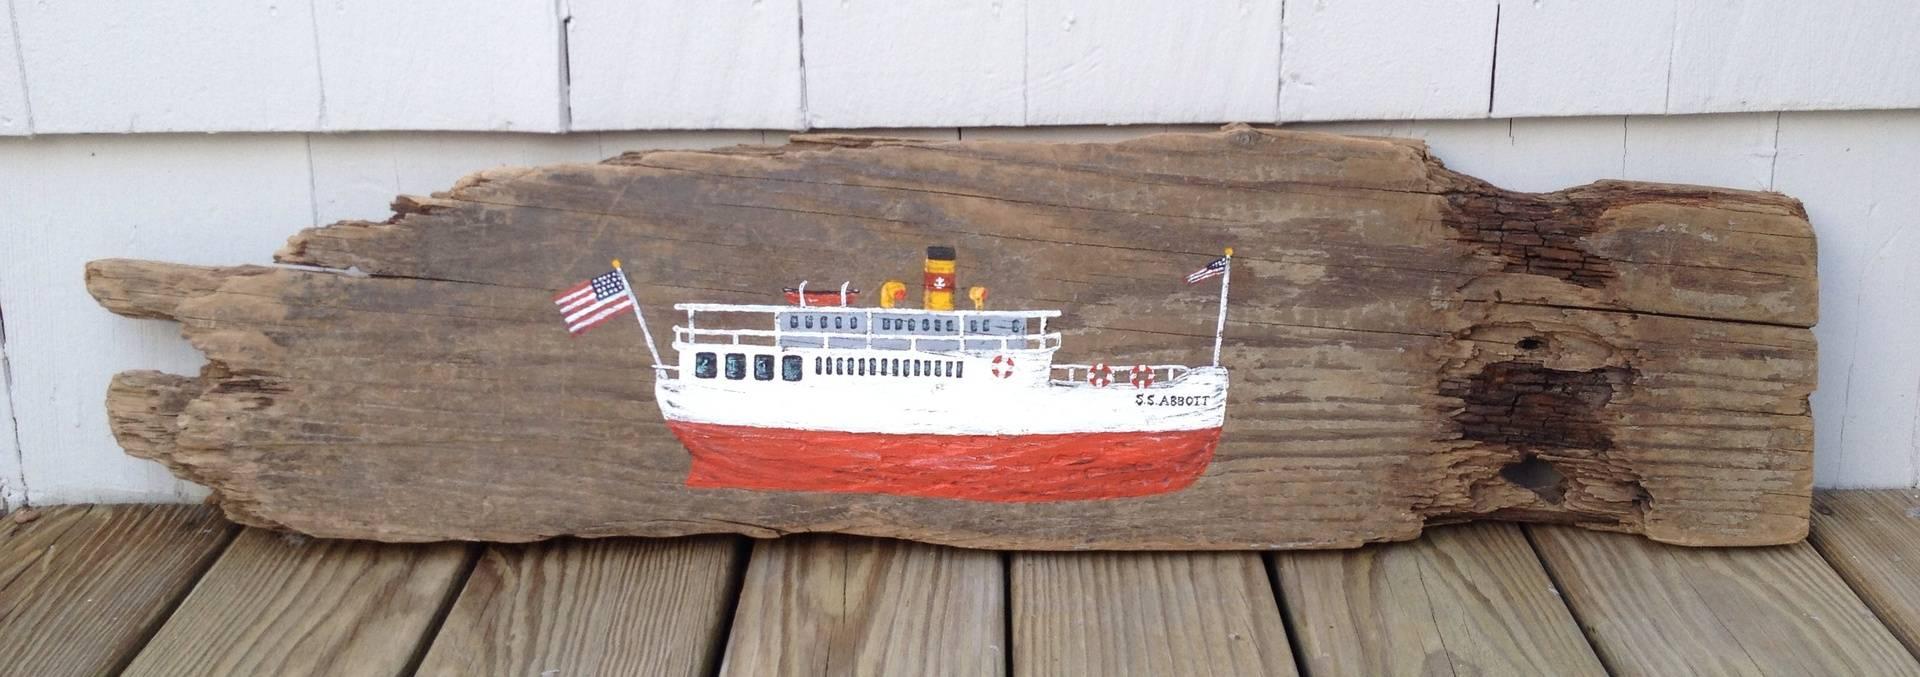 #steamship